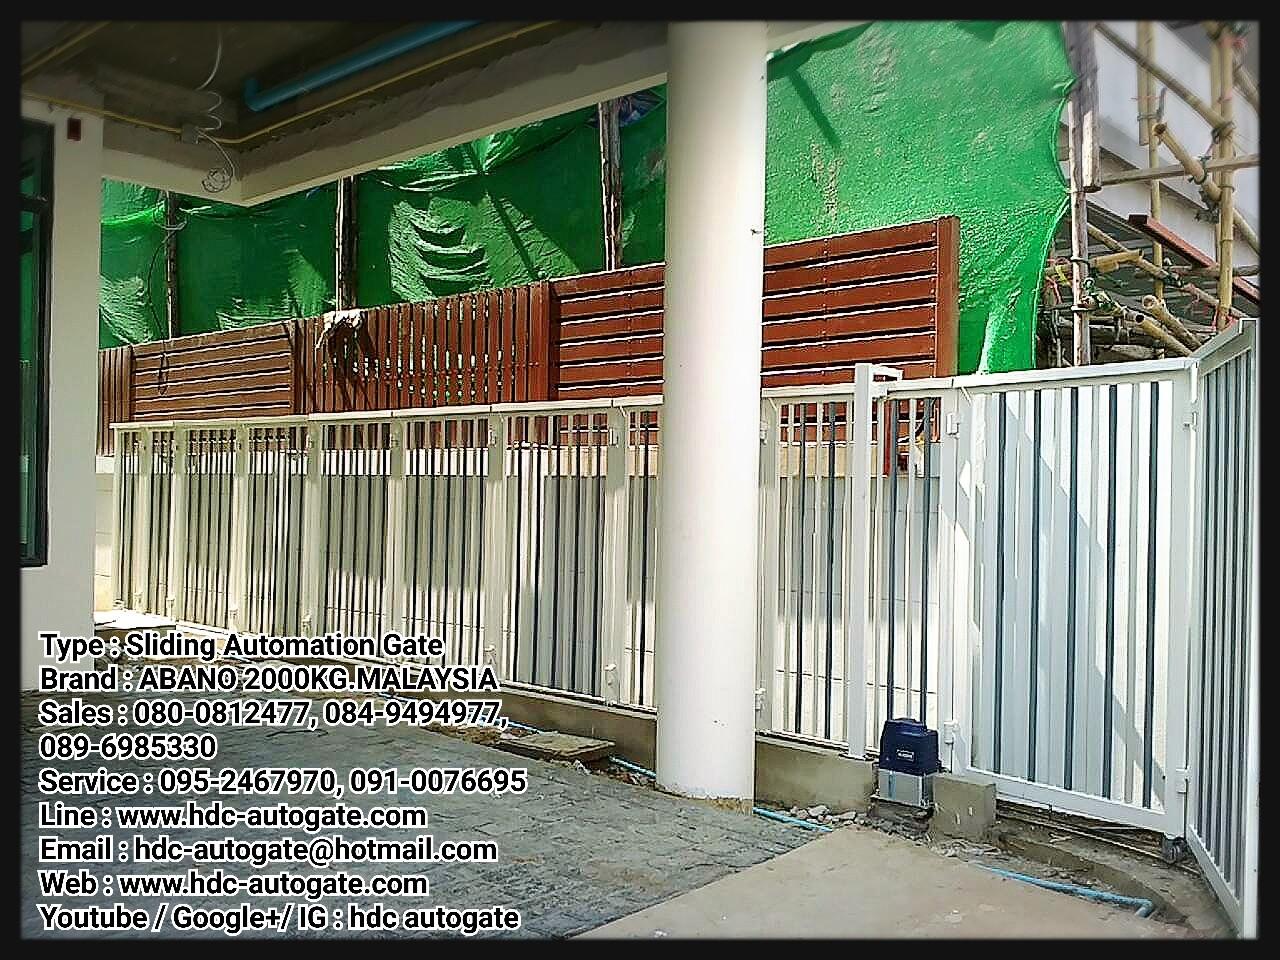 ประตูรั้วและมอเตอร์บานเลื่อนโค้ง หมู่บ้านแอทเทอร่าไพรส์ แปลง 29A  ถนนพระราม2